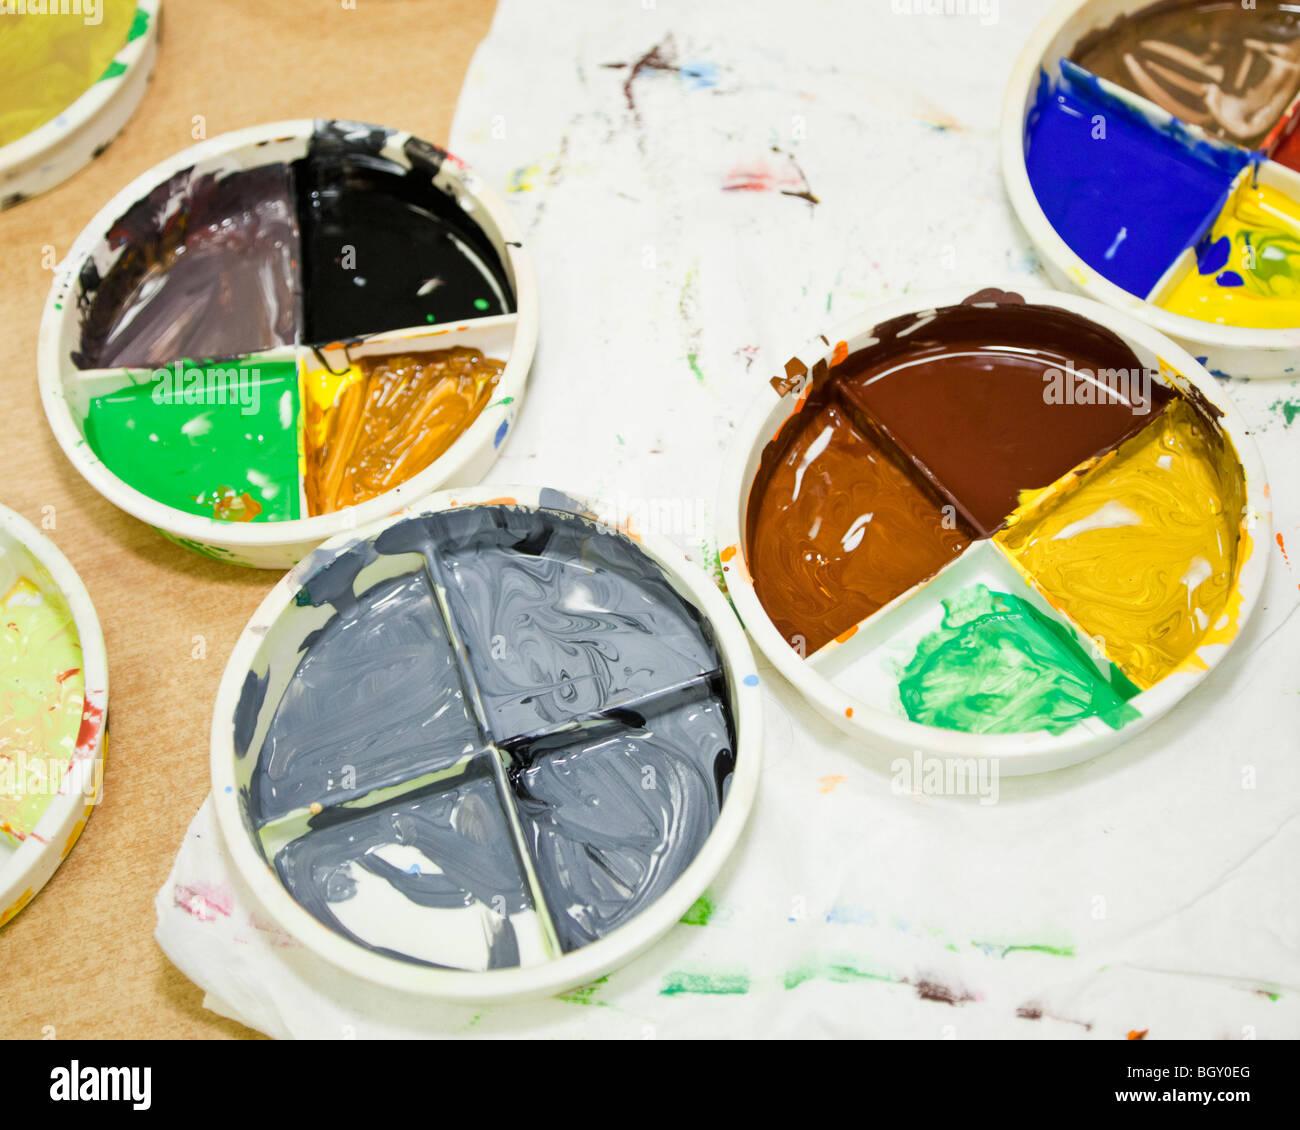 Vernice per bambini in tavolozze di miscelazione su un tavolo Immagini Stock